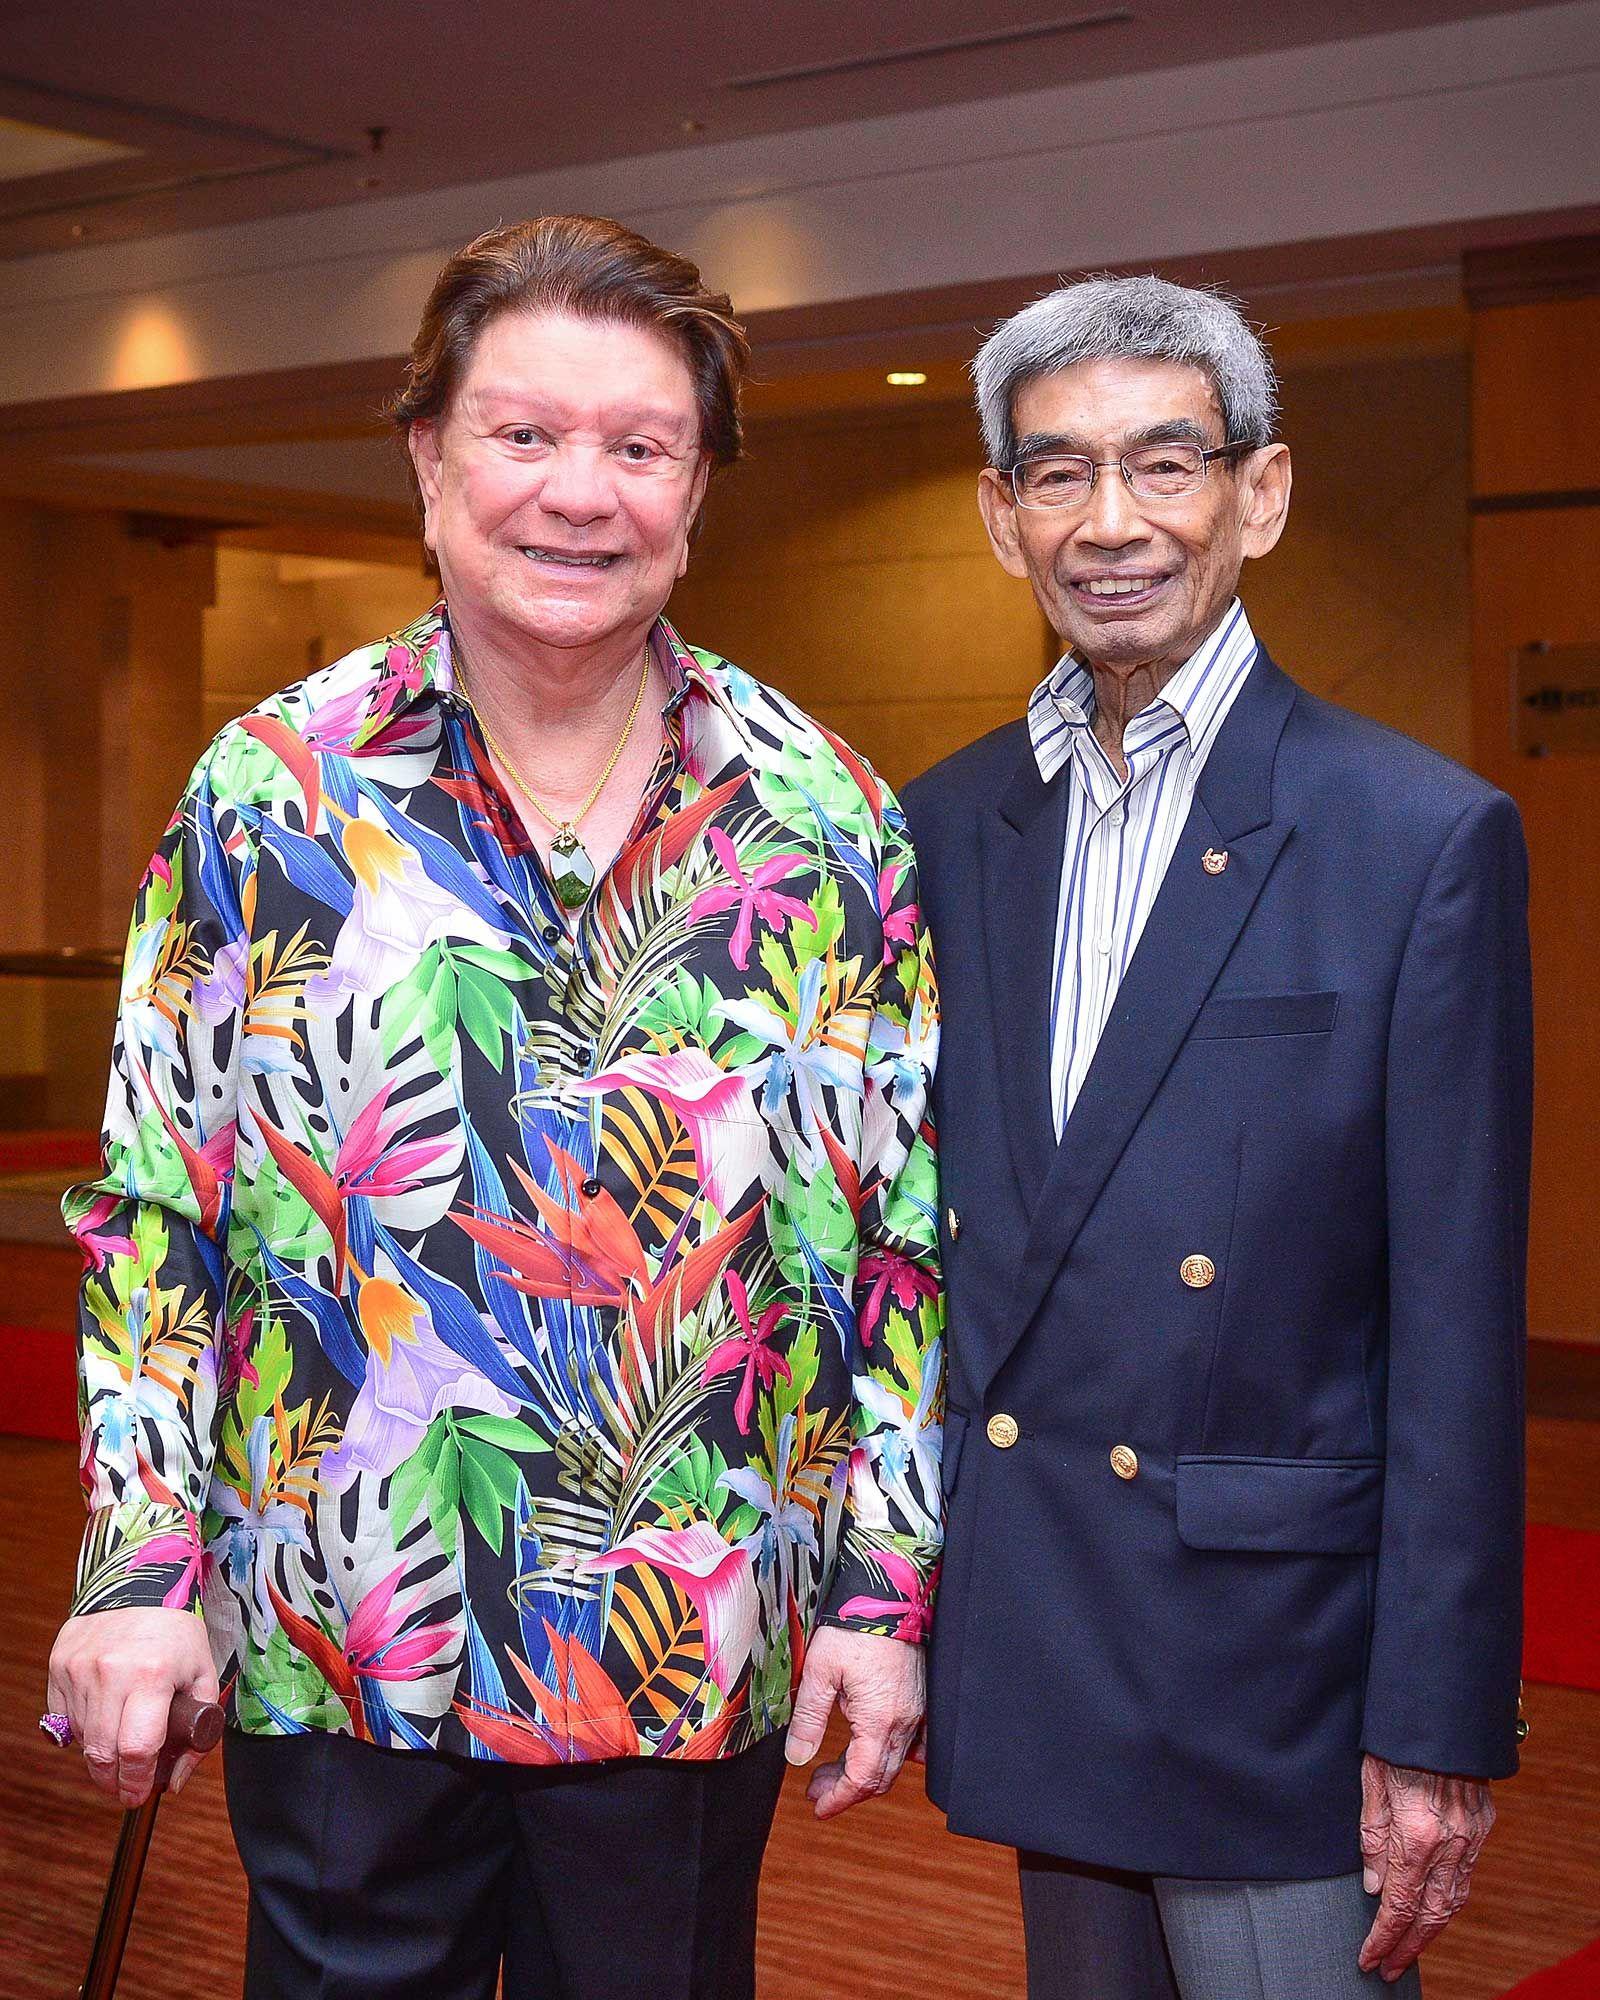 Tunku Dato' Sri Mizan Tunku Maamor and Tunku Dato' Seri Mahmud Tunku Besar Burhanuddin